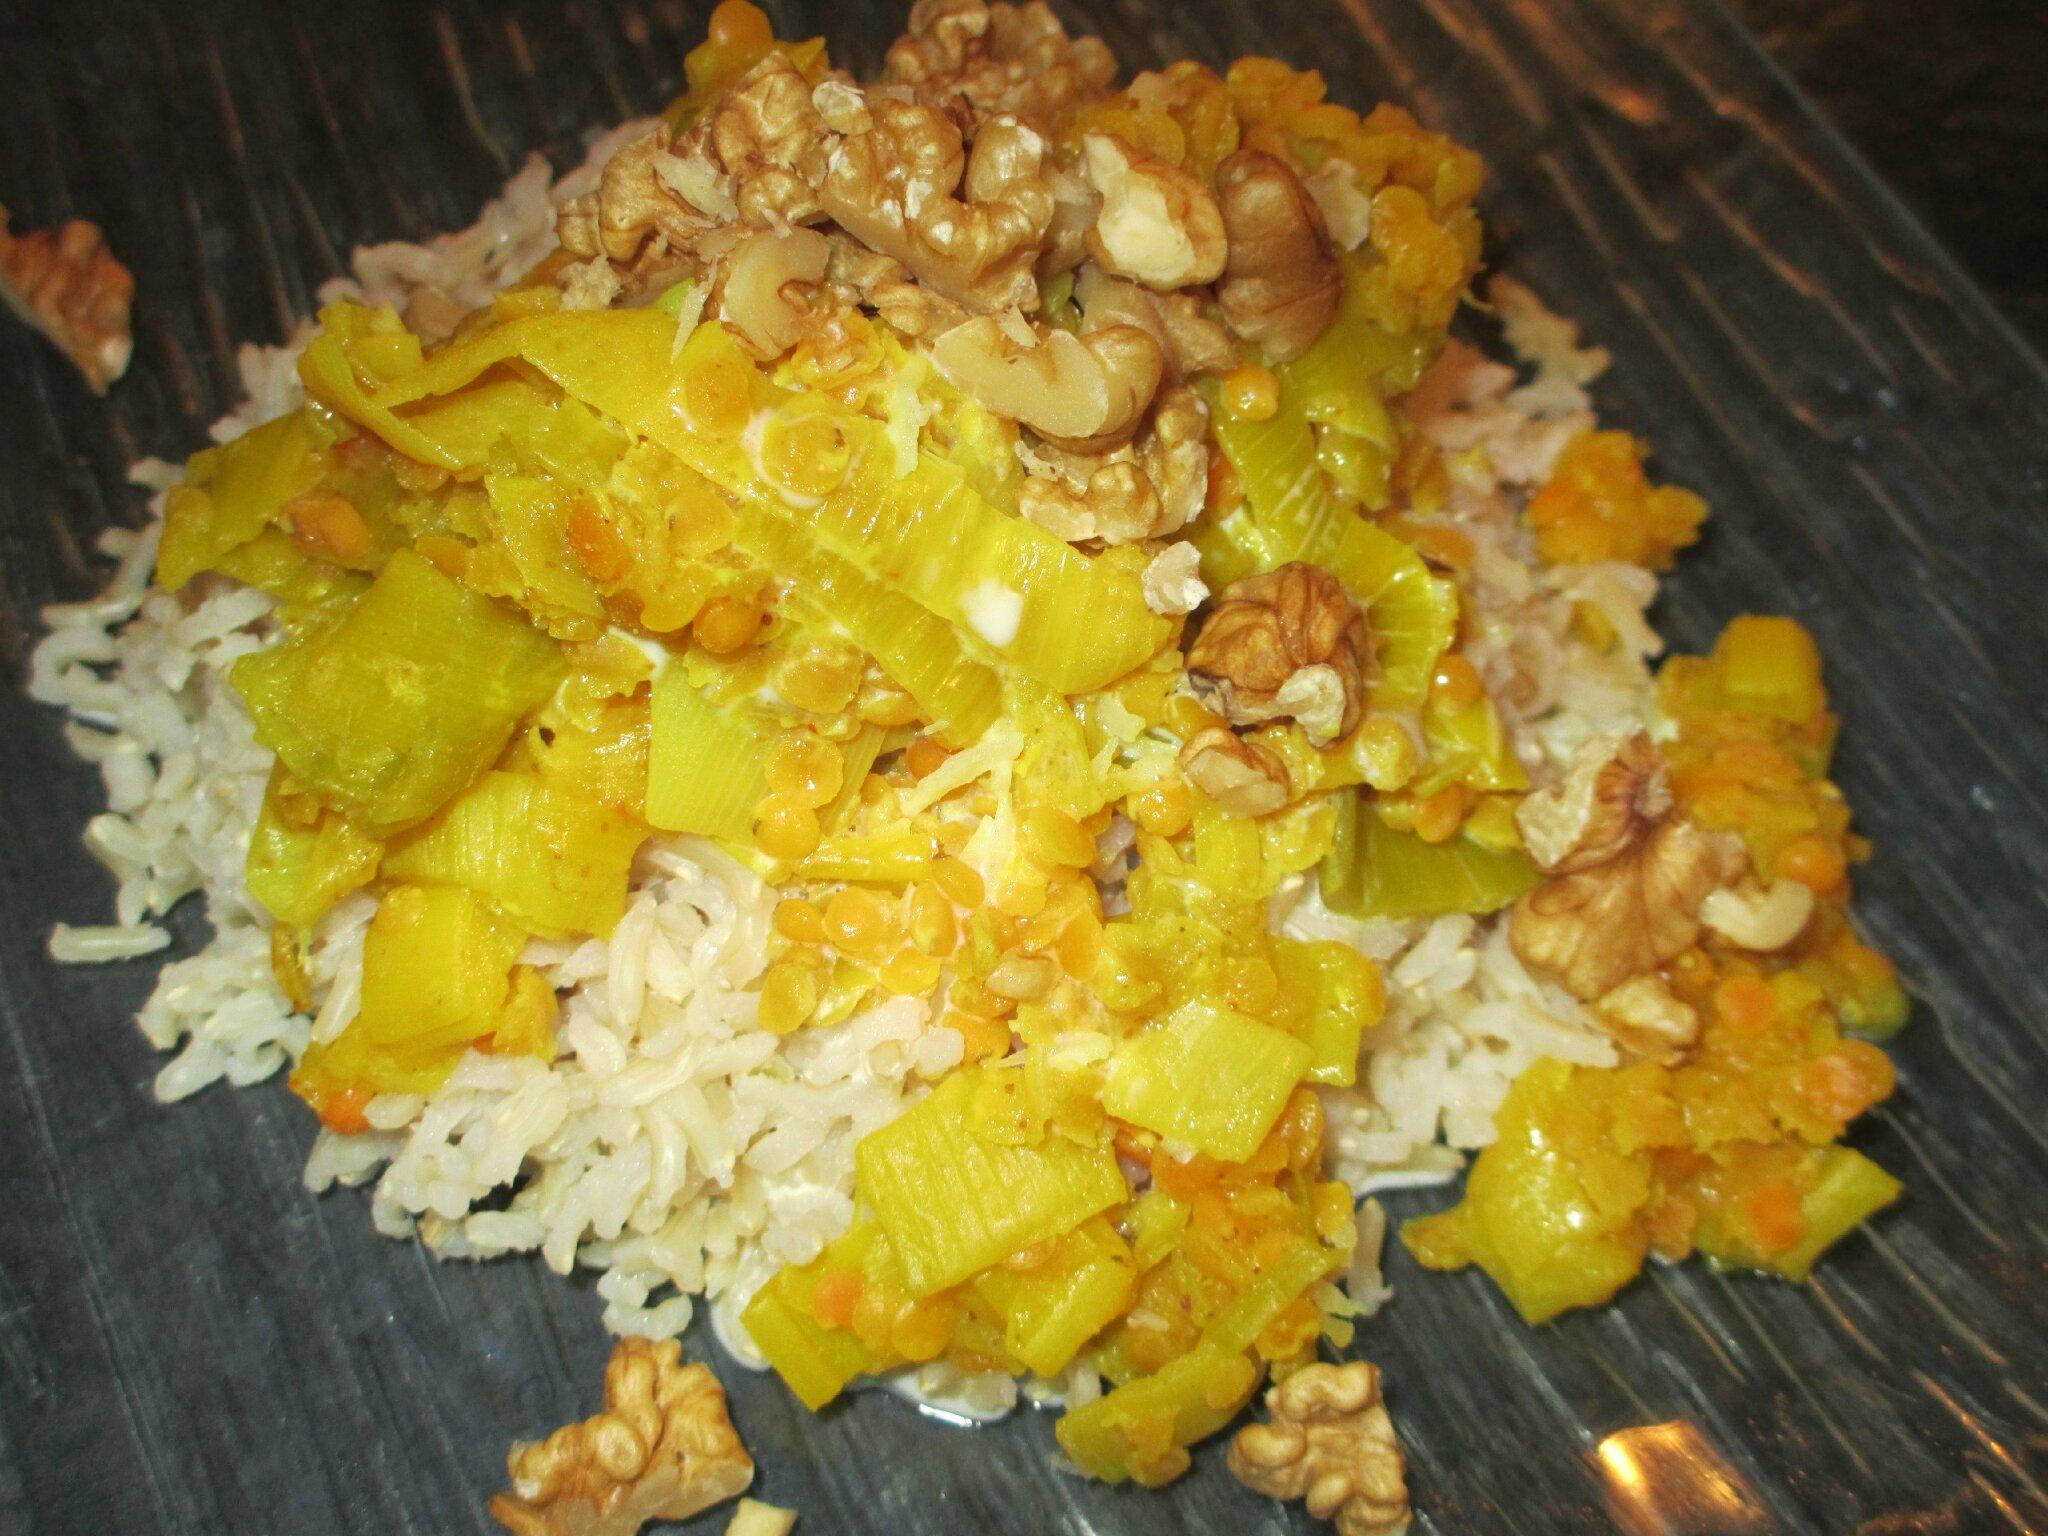 Lentilles Corail Aux Poireaux Accompagné De Riz Basmati Cuisine - Cuisiner les lentilles corail